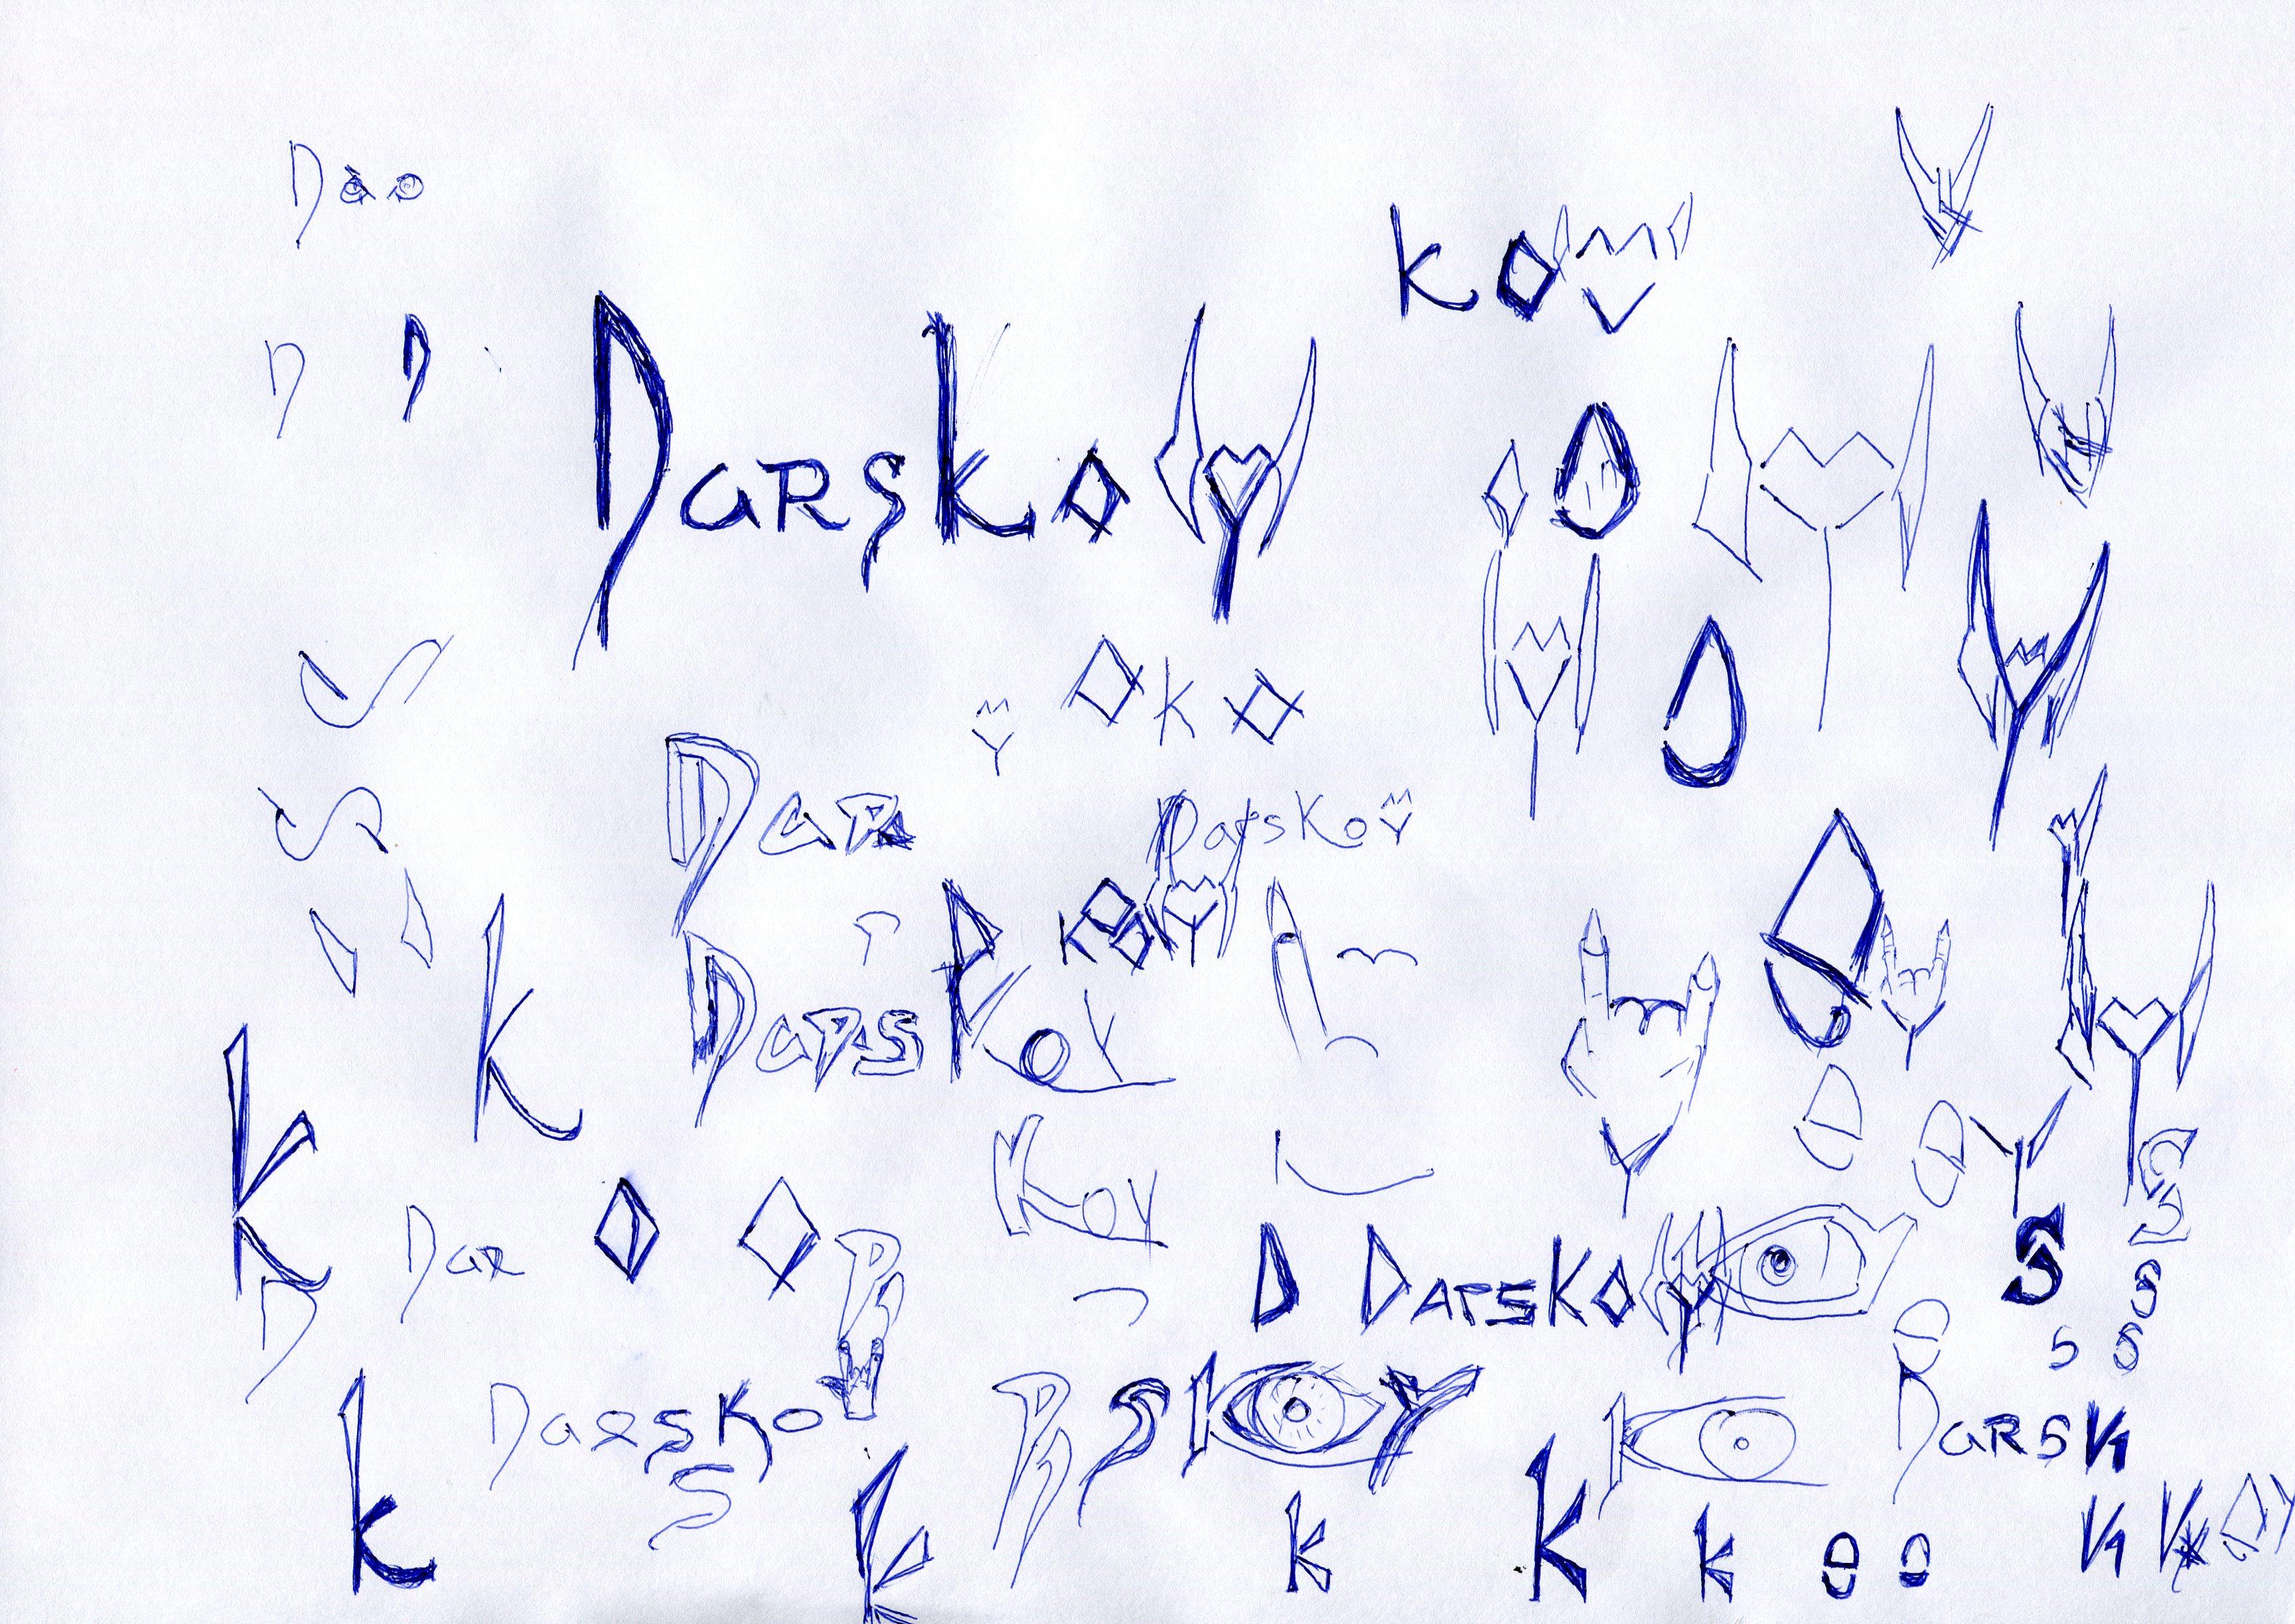 Нарисовать логотип для сольного музыкального проекта фото f_3785ba92043e6e5a.jpg